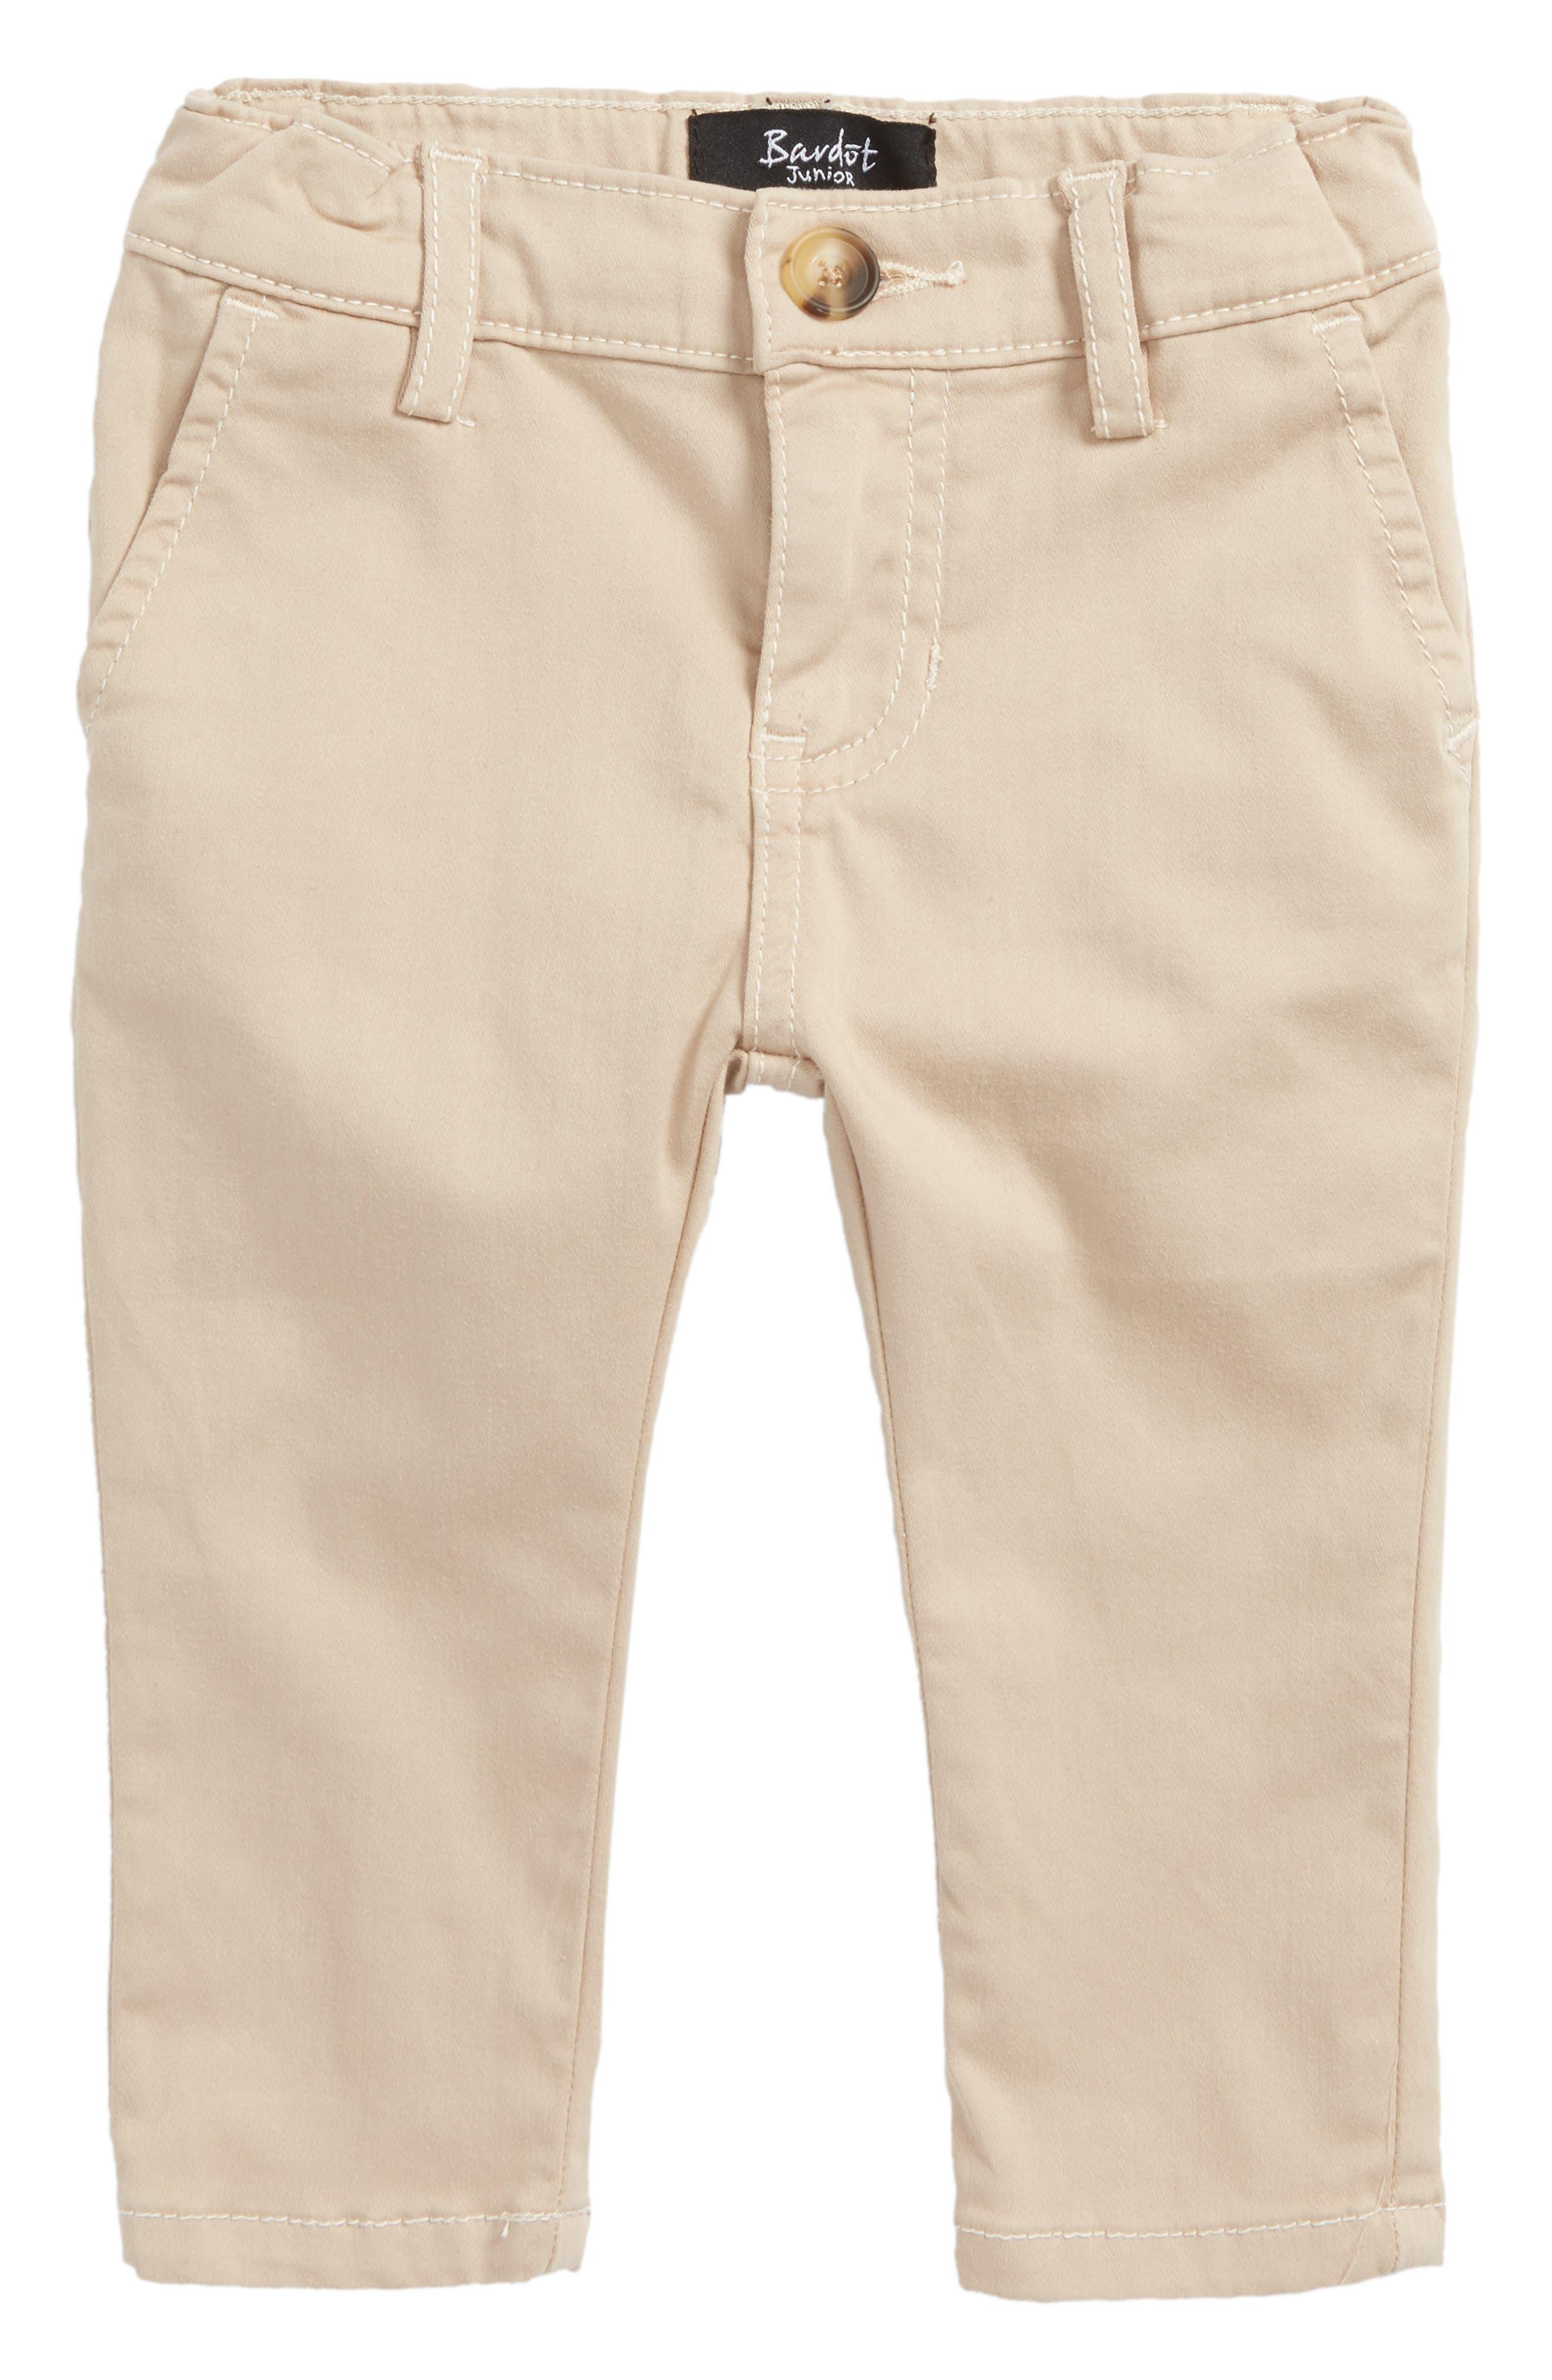 Jack Chino Pants,                         Main,                         color, 277